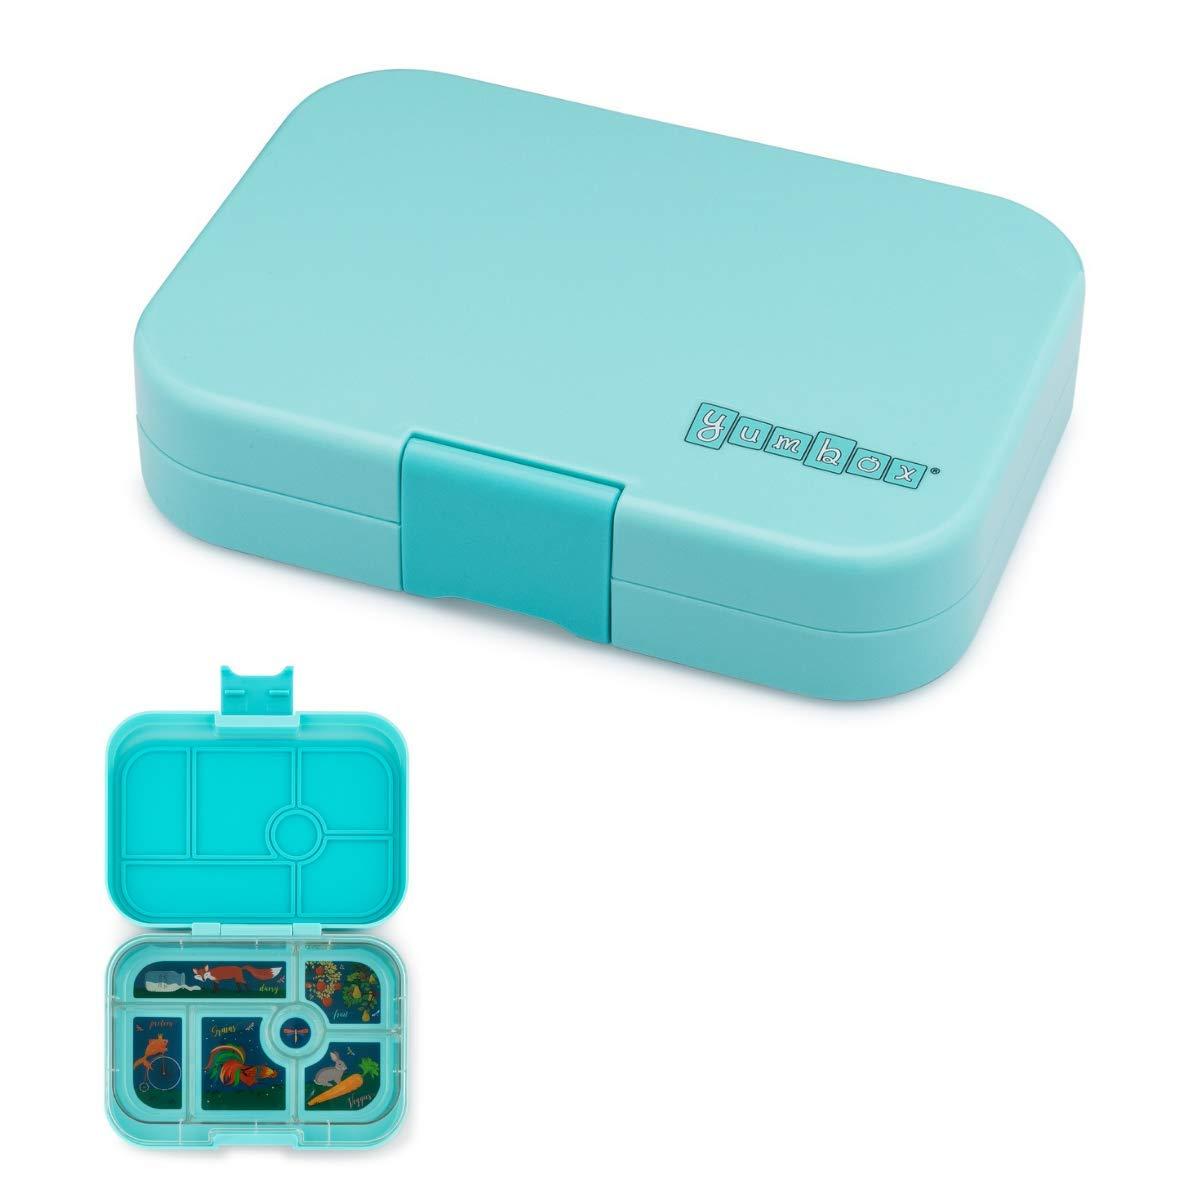 YUMBOX Original (mit 6 Fächern) - Brotbox Brotdose Lunchbox Bento Box mit Fester Fächer-Unterteilung - auslaufsichere Brotdose für Schule - ideal zur Einschulung (Luna Blau (ohne Namen)) B07NYYQGFV | In hohem Grade geschätzt und weit vertra